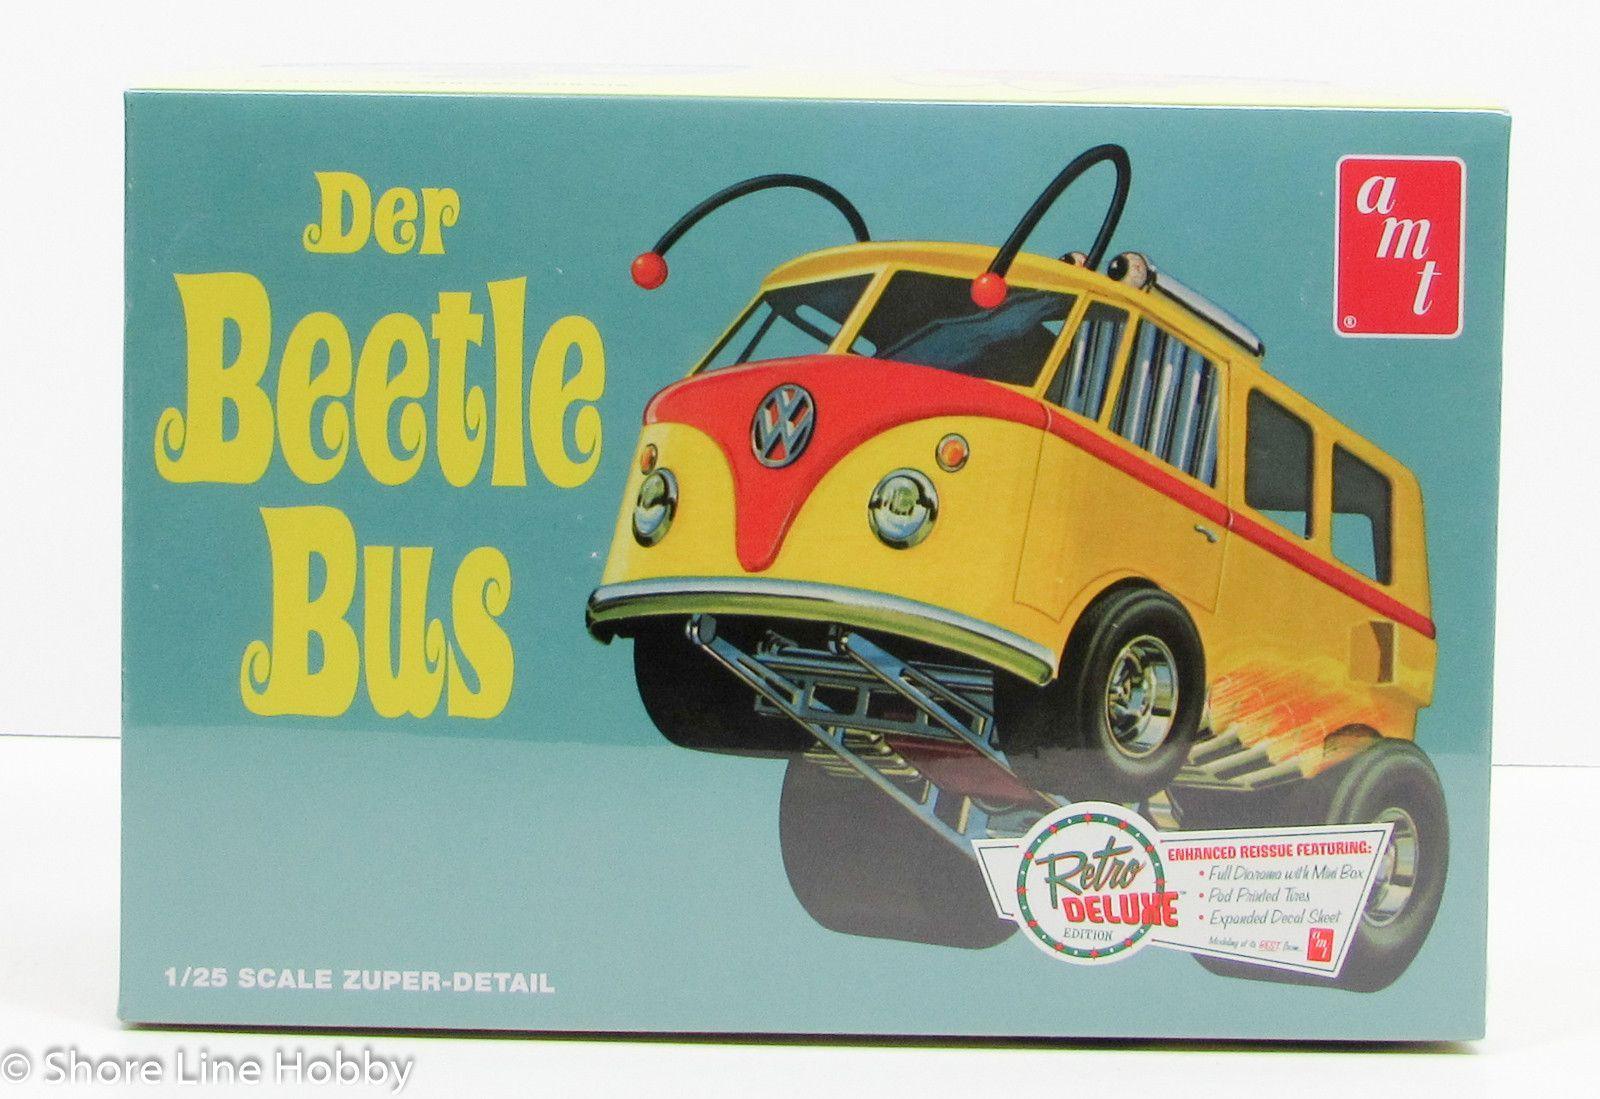 Der Beetle Bus Hot Rod AMT 992 1/25 New Car Model Kit